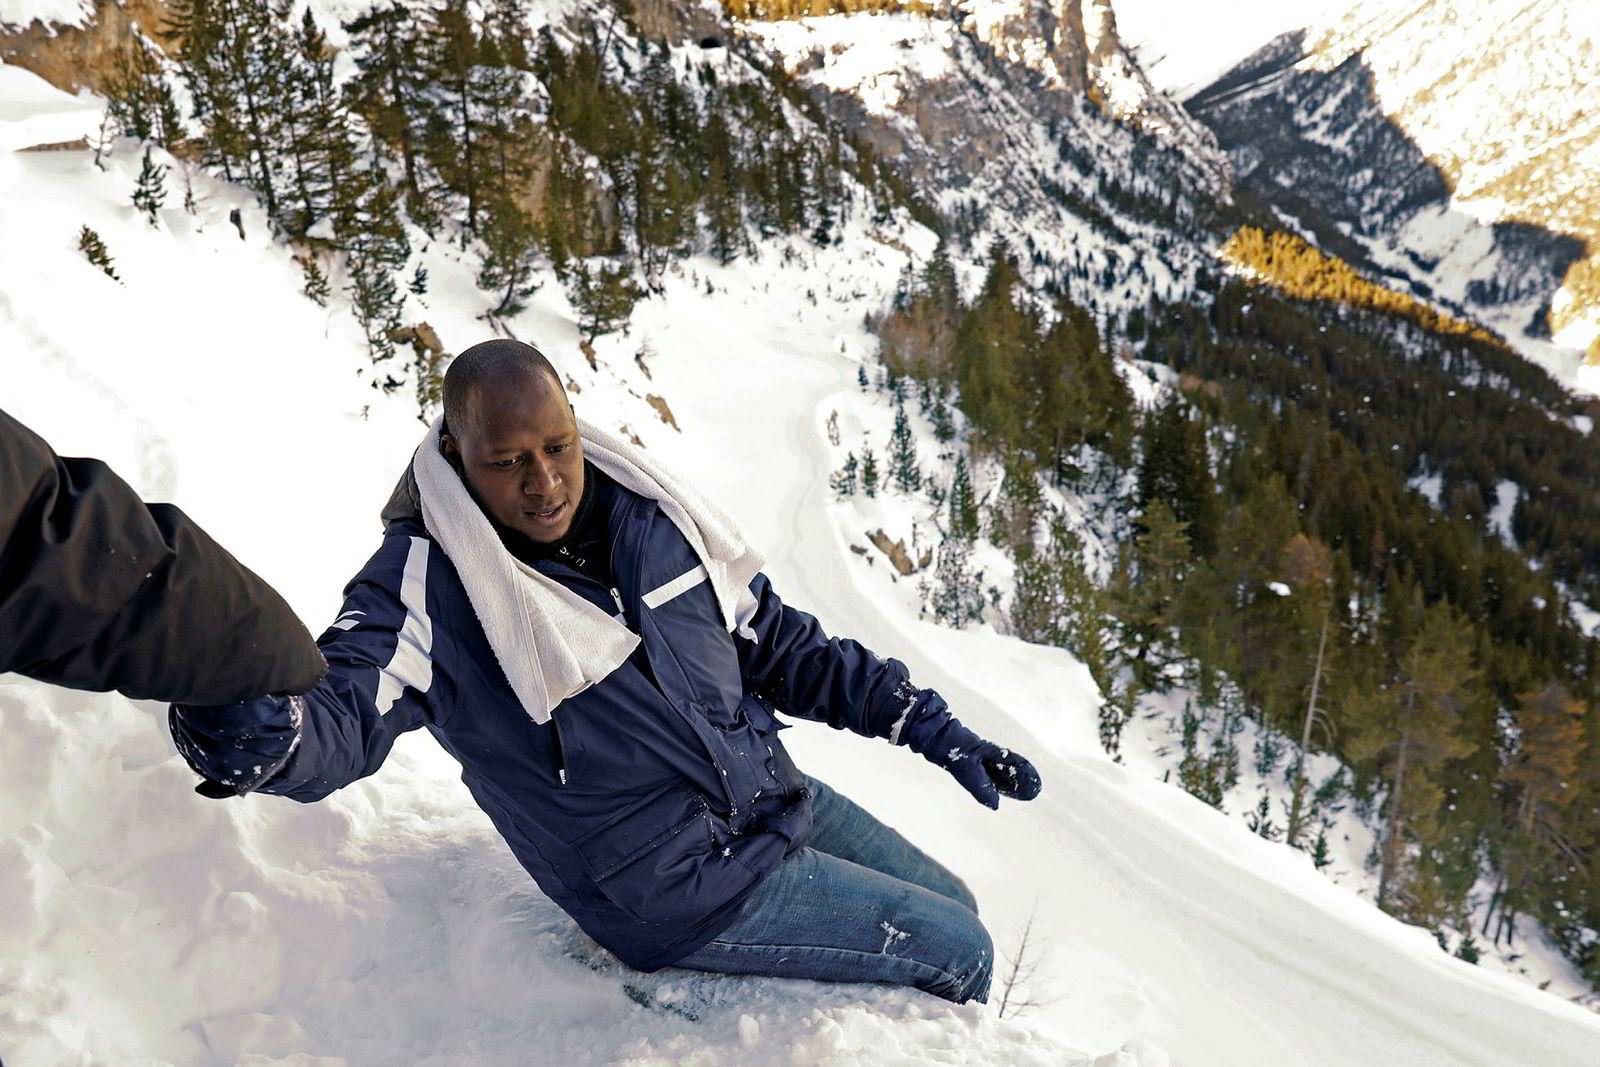 Abdullhai (38 fra Guinea får hjelp av en venn på ferden sin over Alpene fra Italia til Frankrike i nærheten av byen Bardonecchia i Nord-Italia. Bildet er tatt 21. desember.